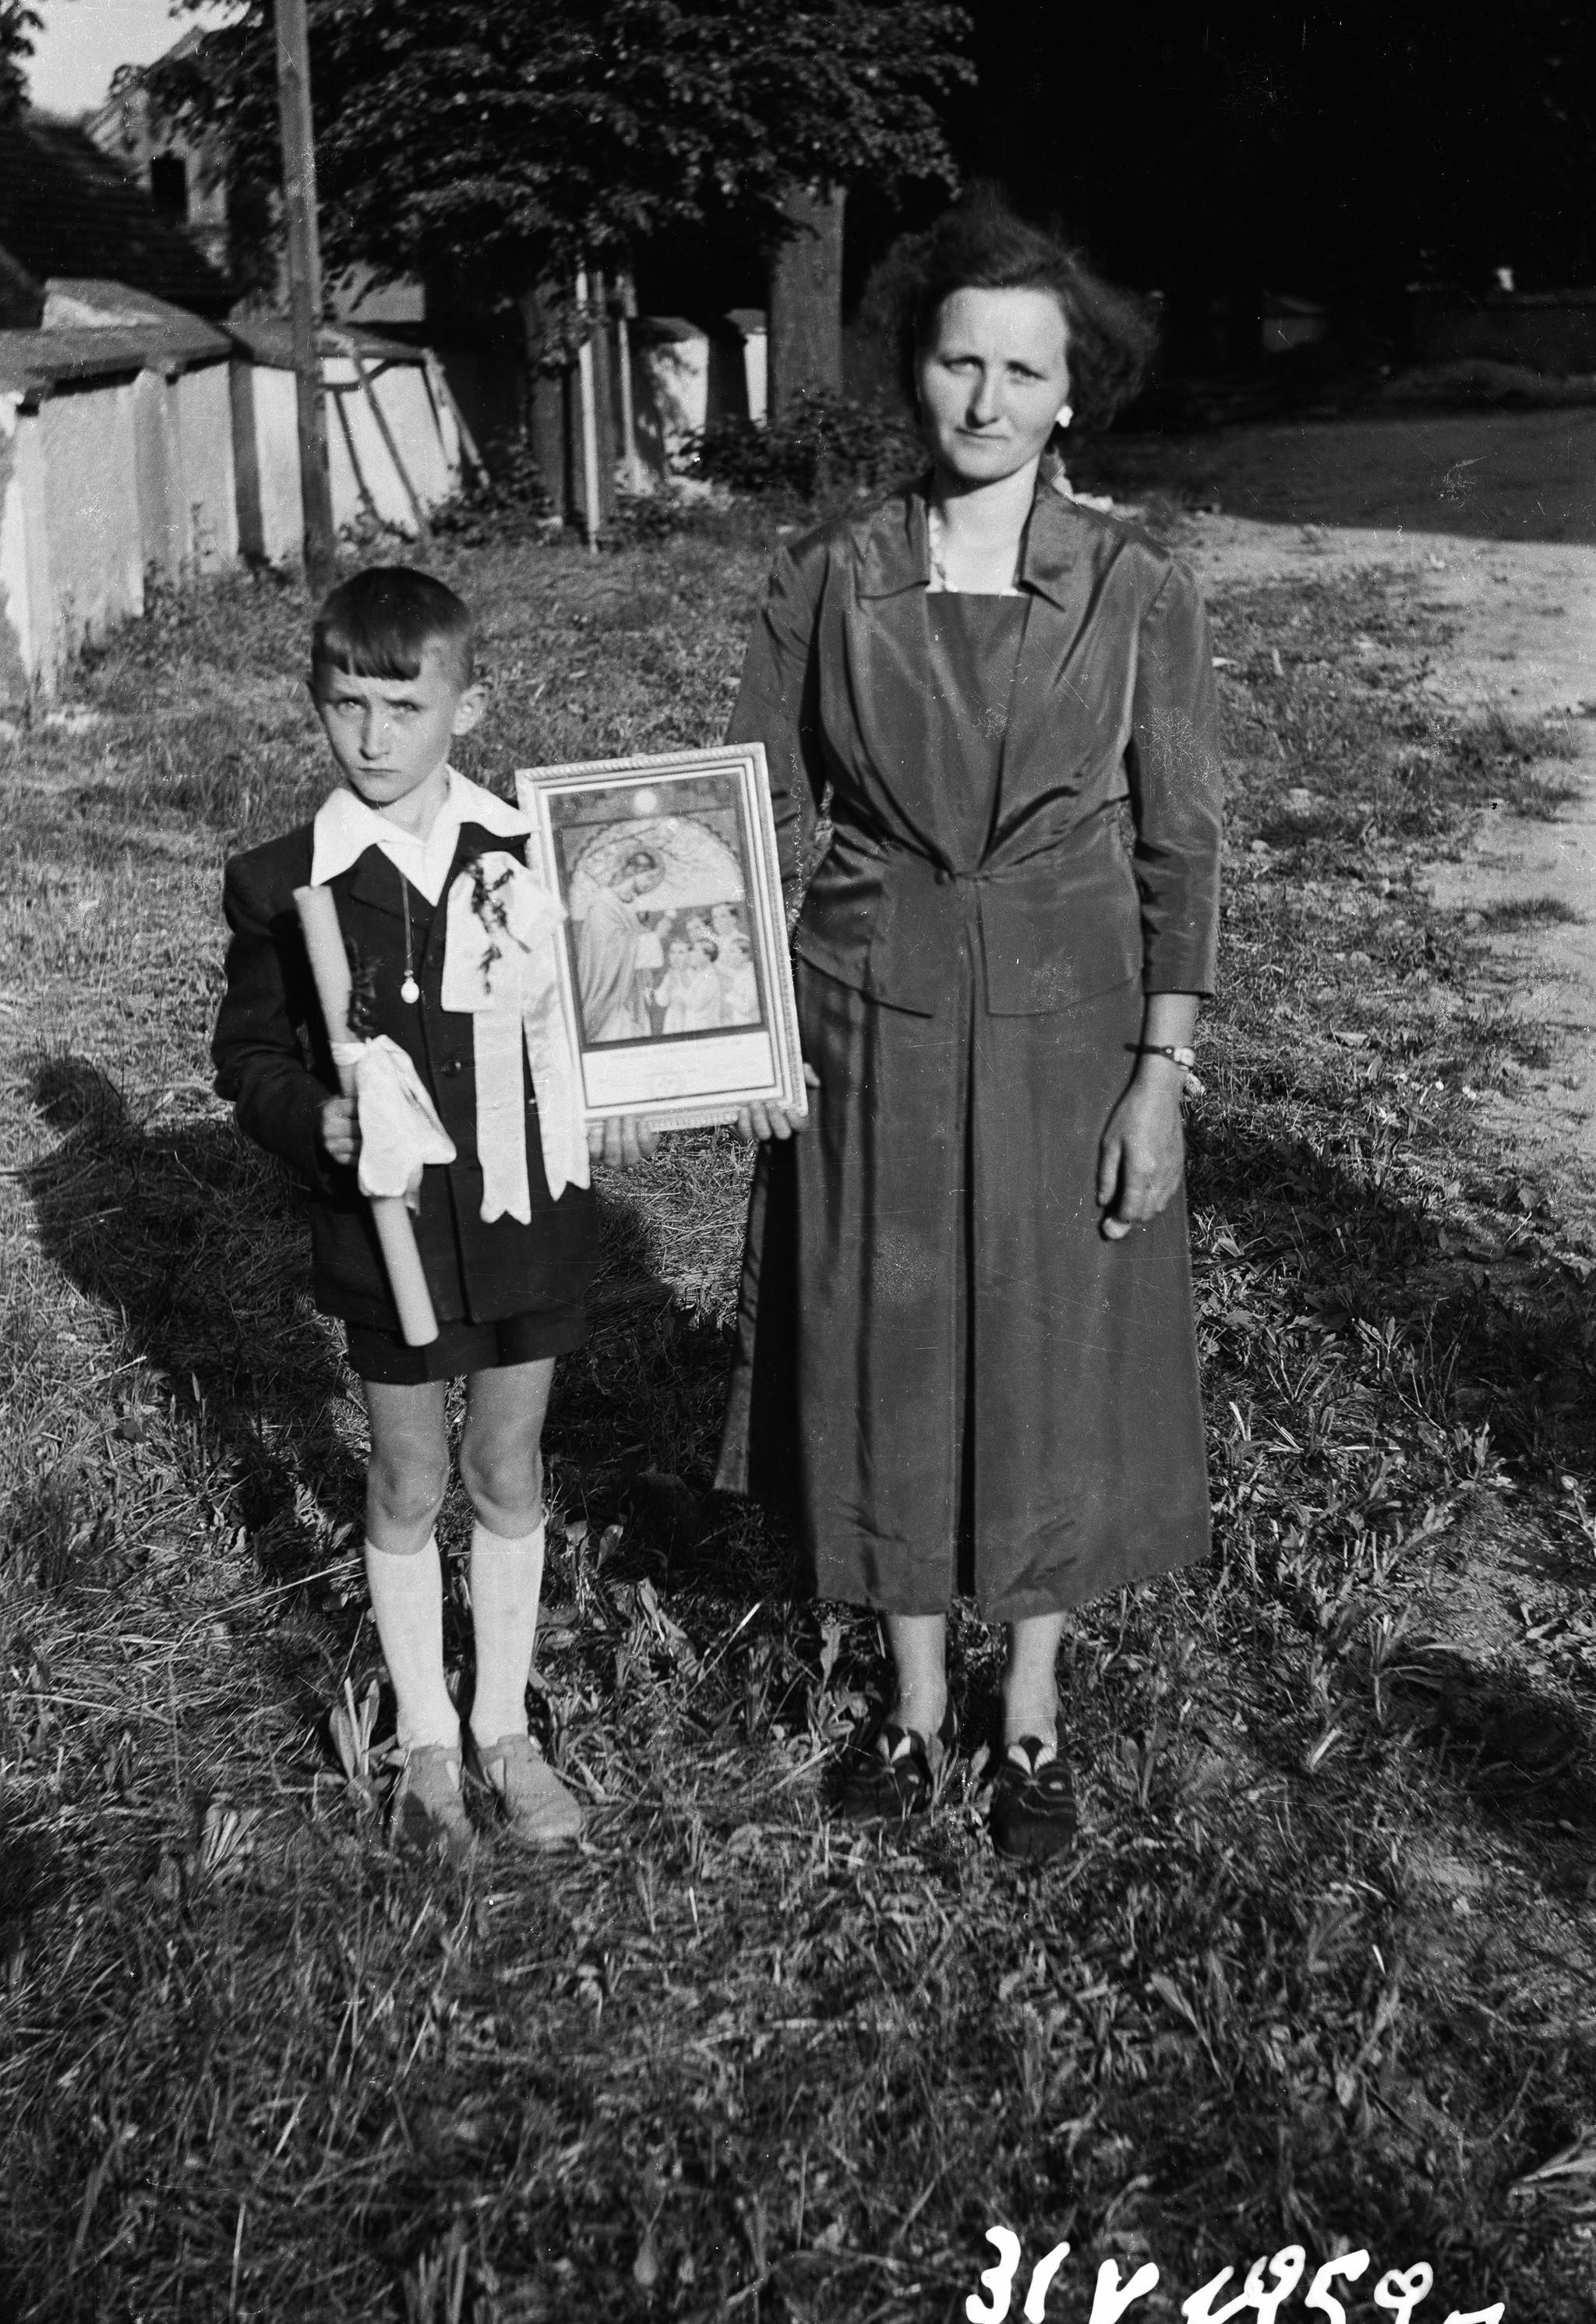 Pierwsza Komunia Święta, Głębowice, Dolny Śląsk, 31 V 1959 r.